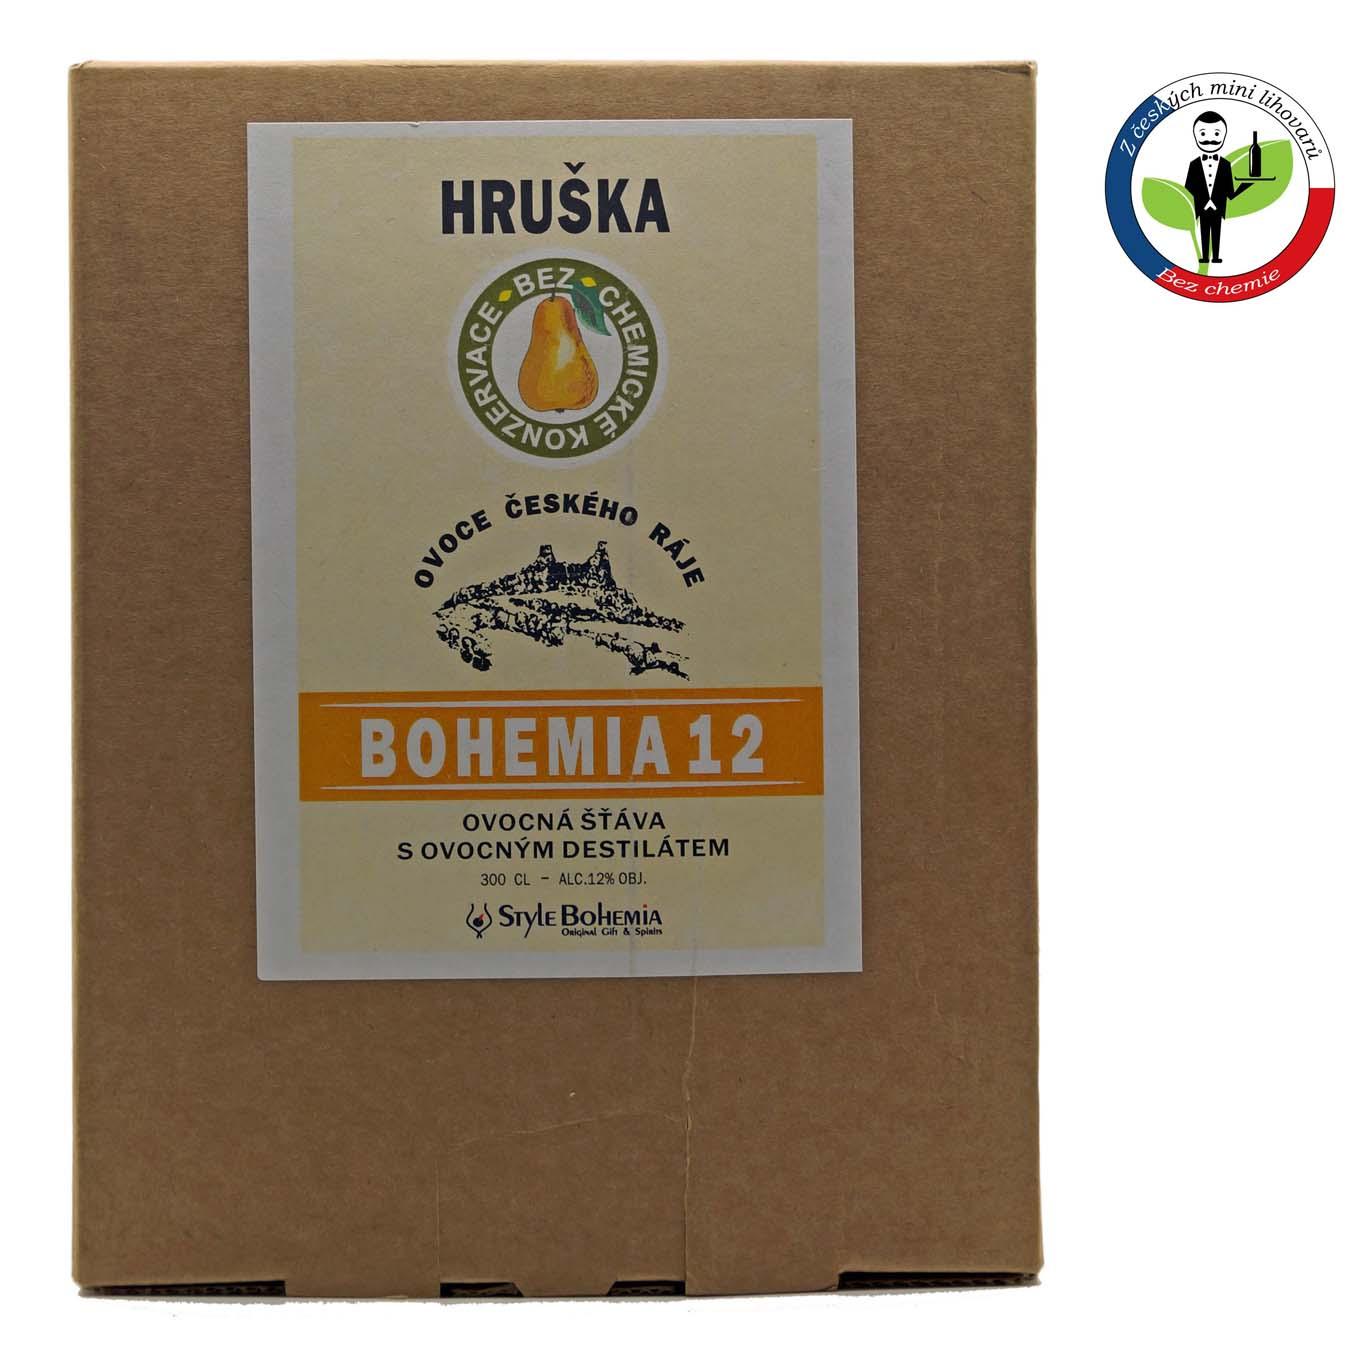 Bohemia 12 Hruška BOX 3l - alkoholizovaný mošt + ROZVOZ PRAHA ZDARMA